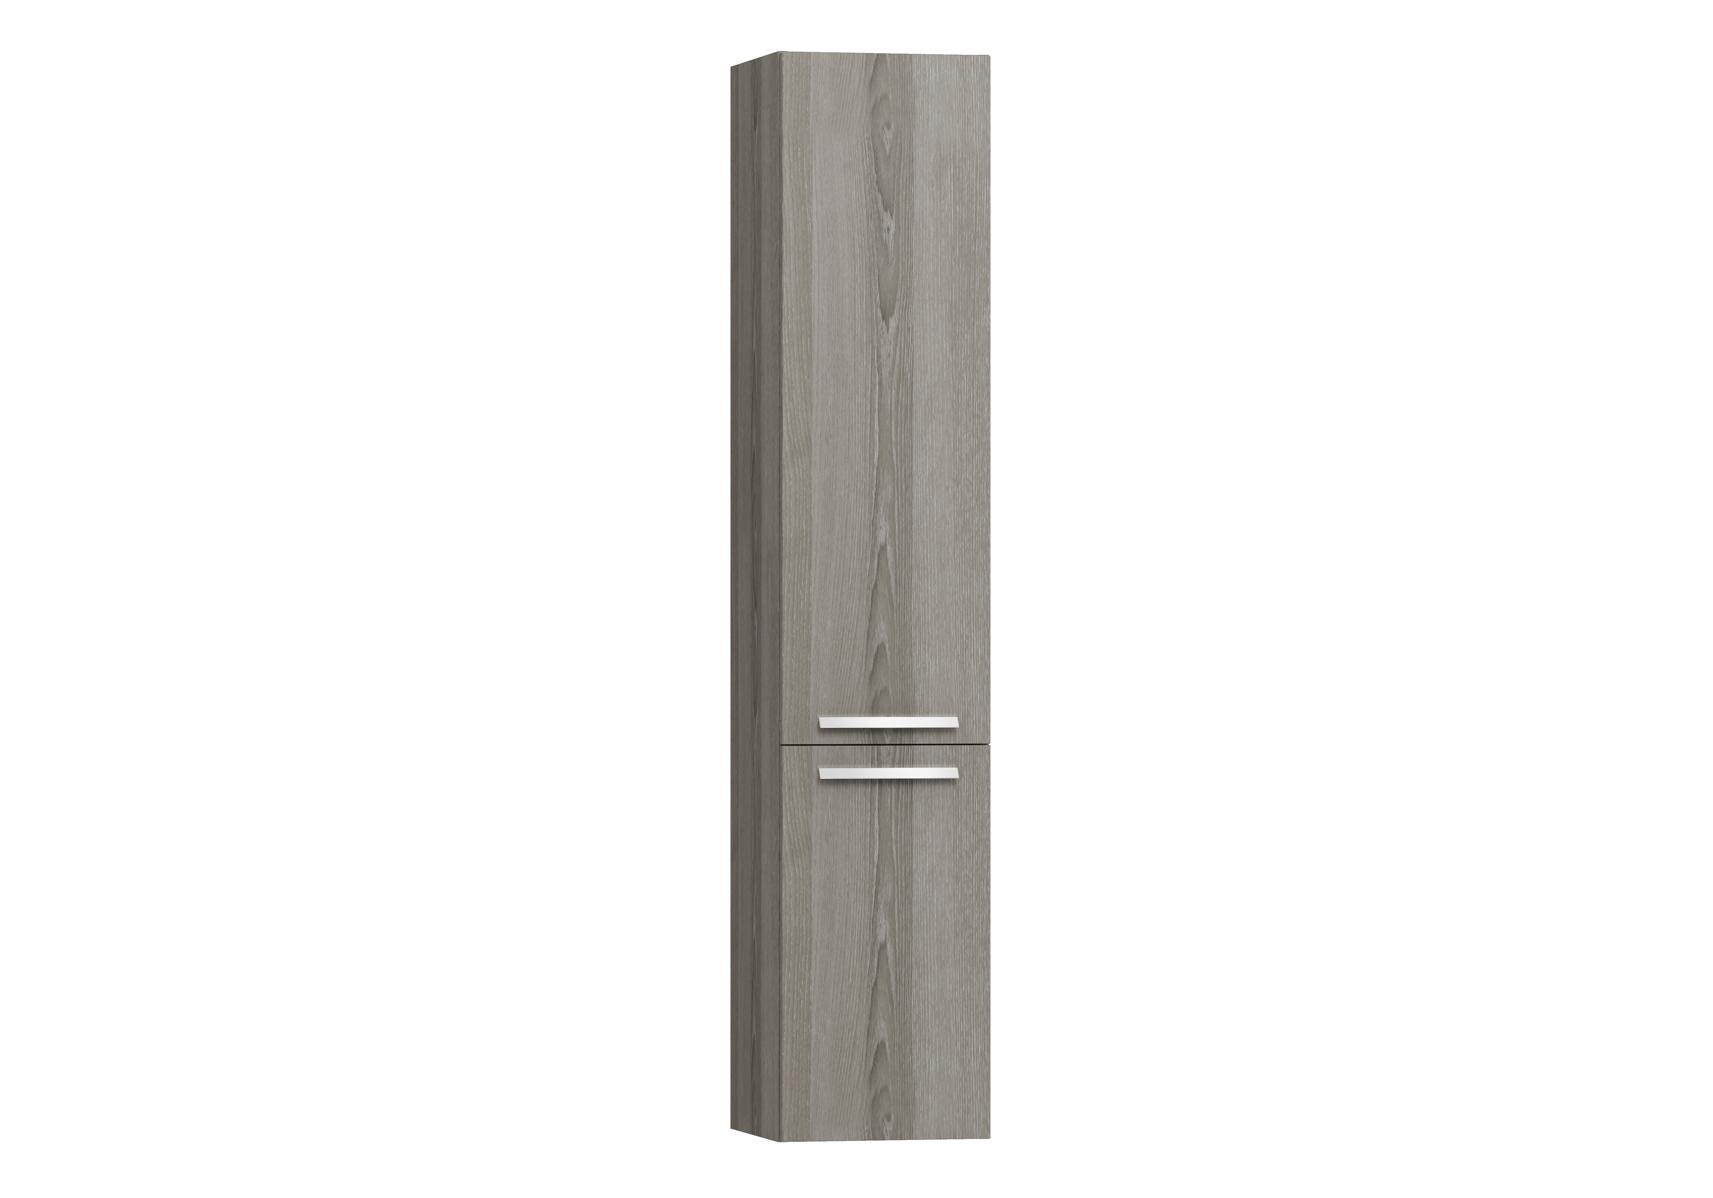 Integra armoire haute sans corbeille à linge, porte à gauche, 35 cm, chêne gris naturel